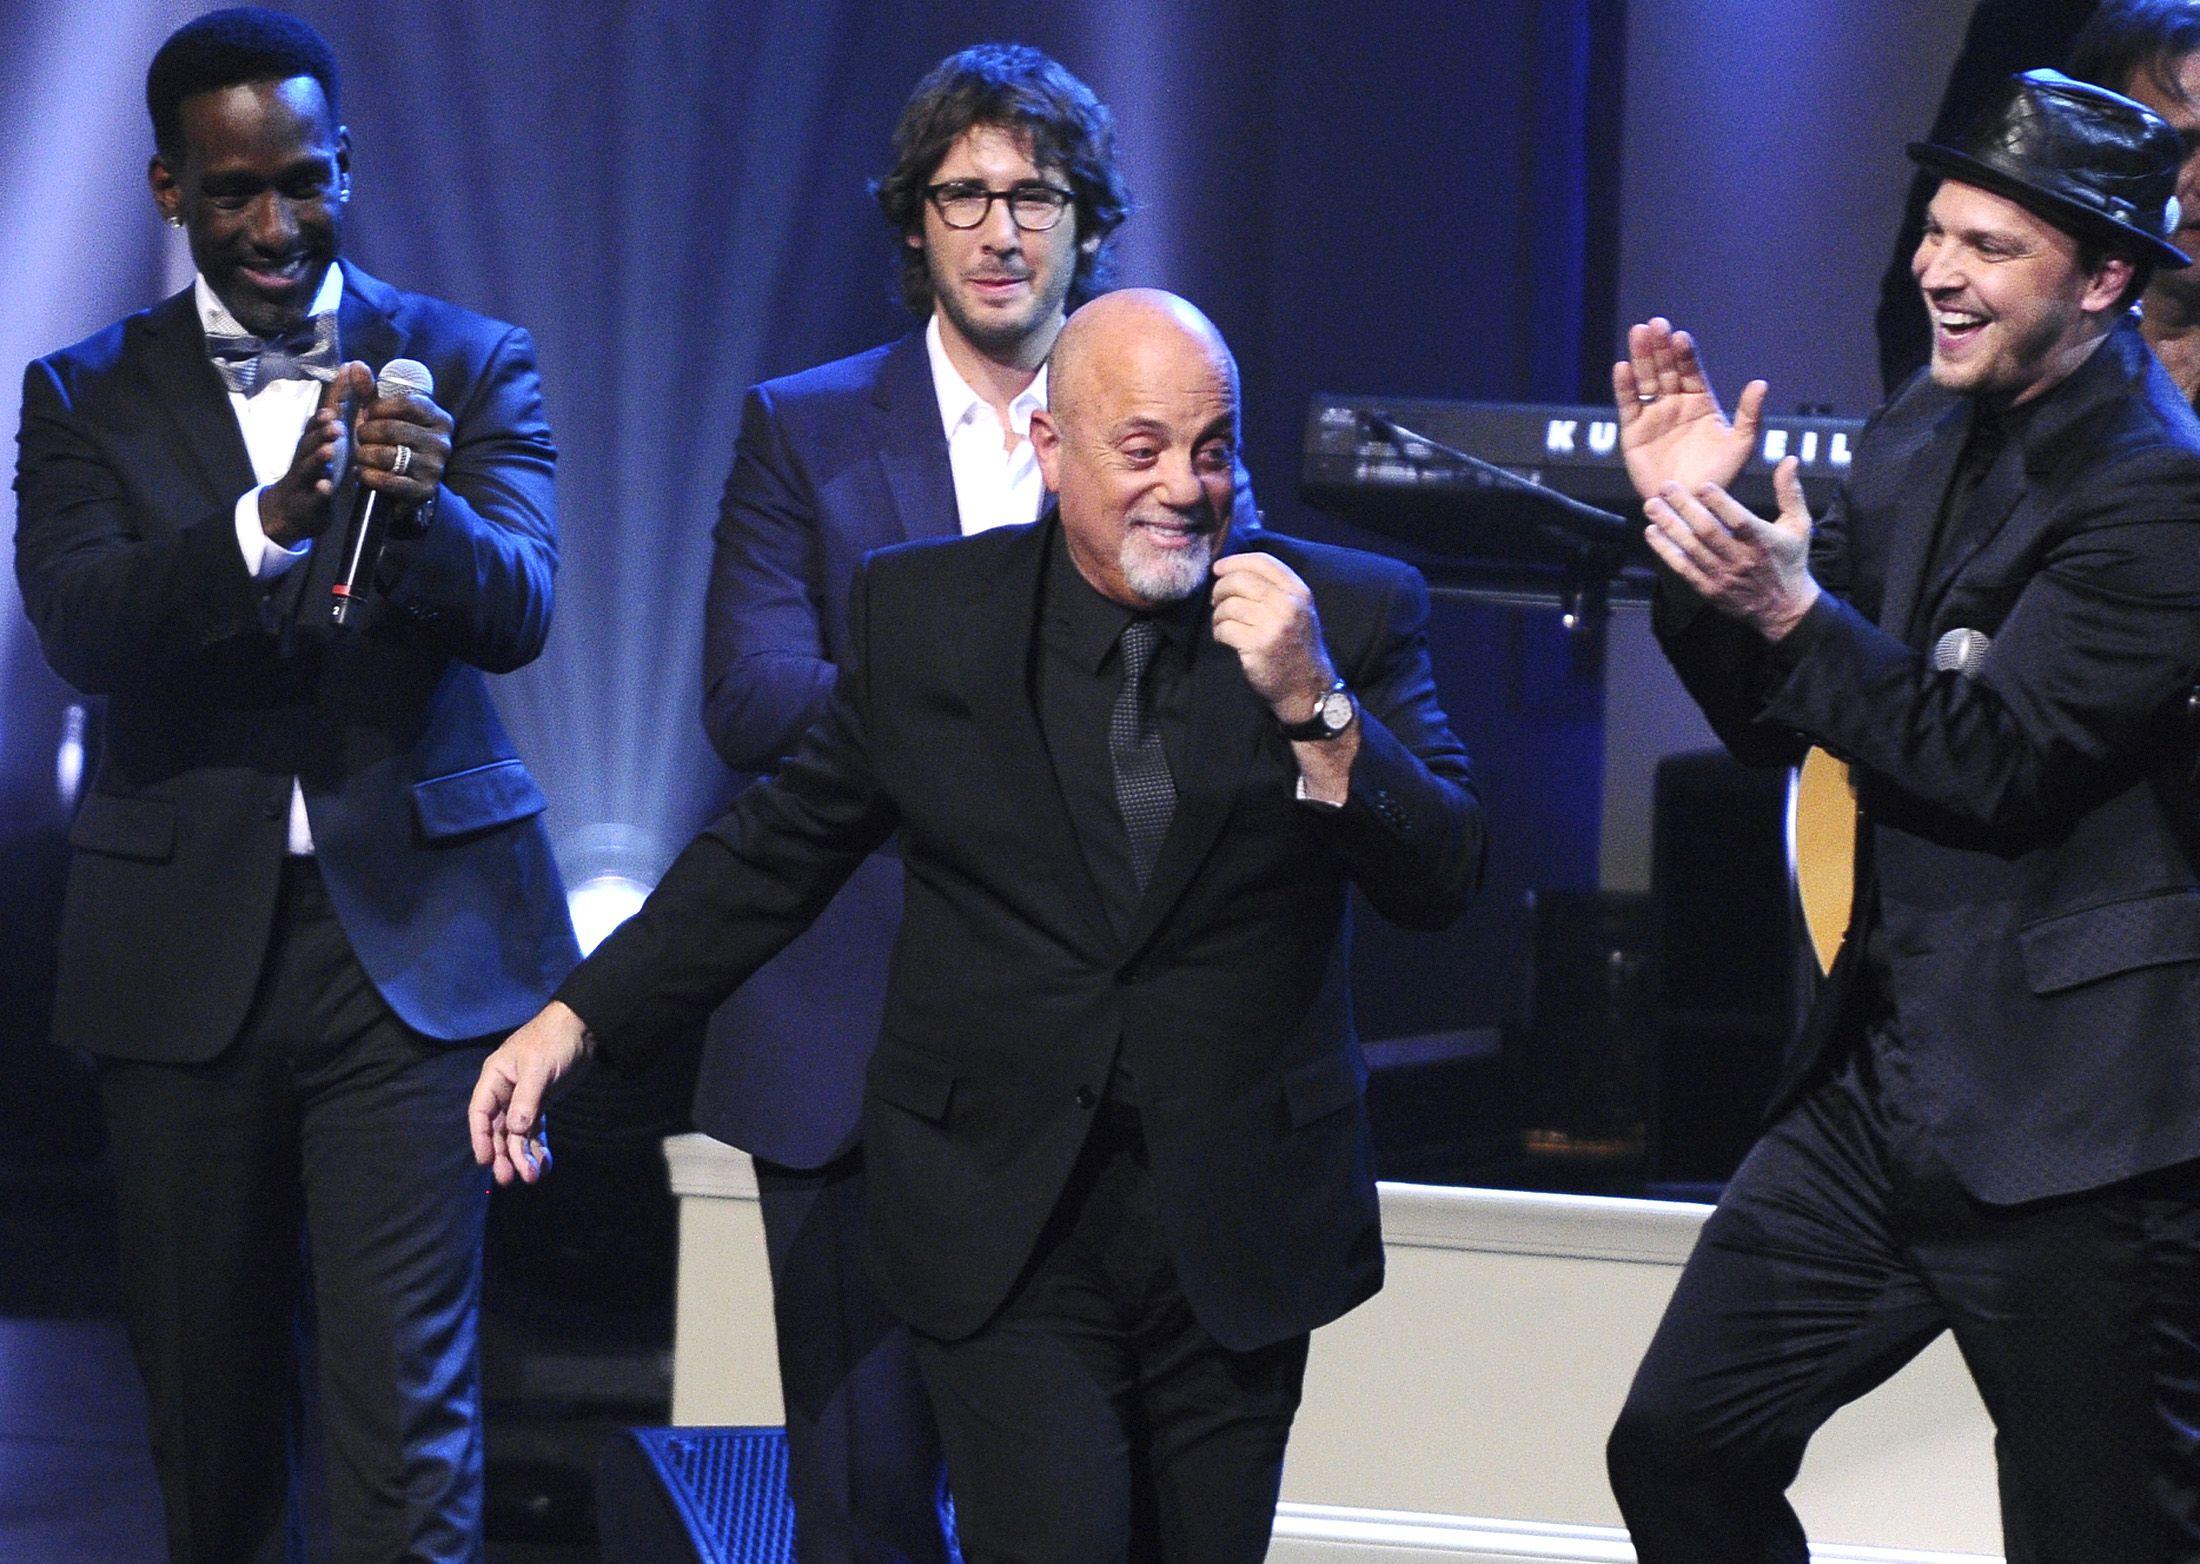 12-31-14 Billy Joel Gavin DeGraw